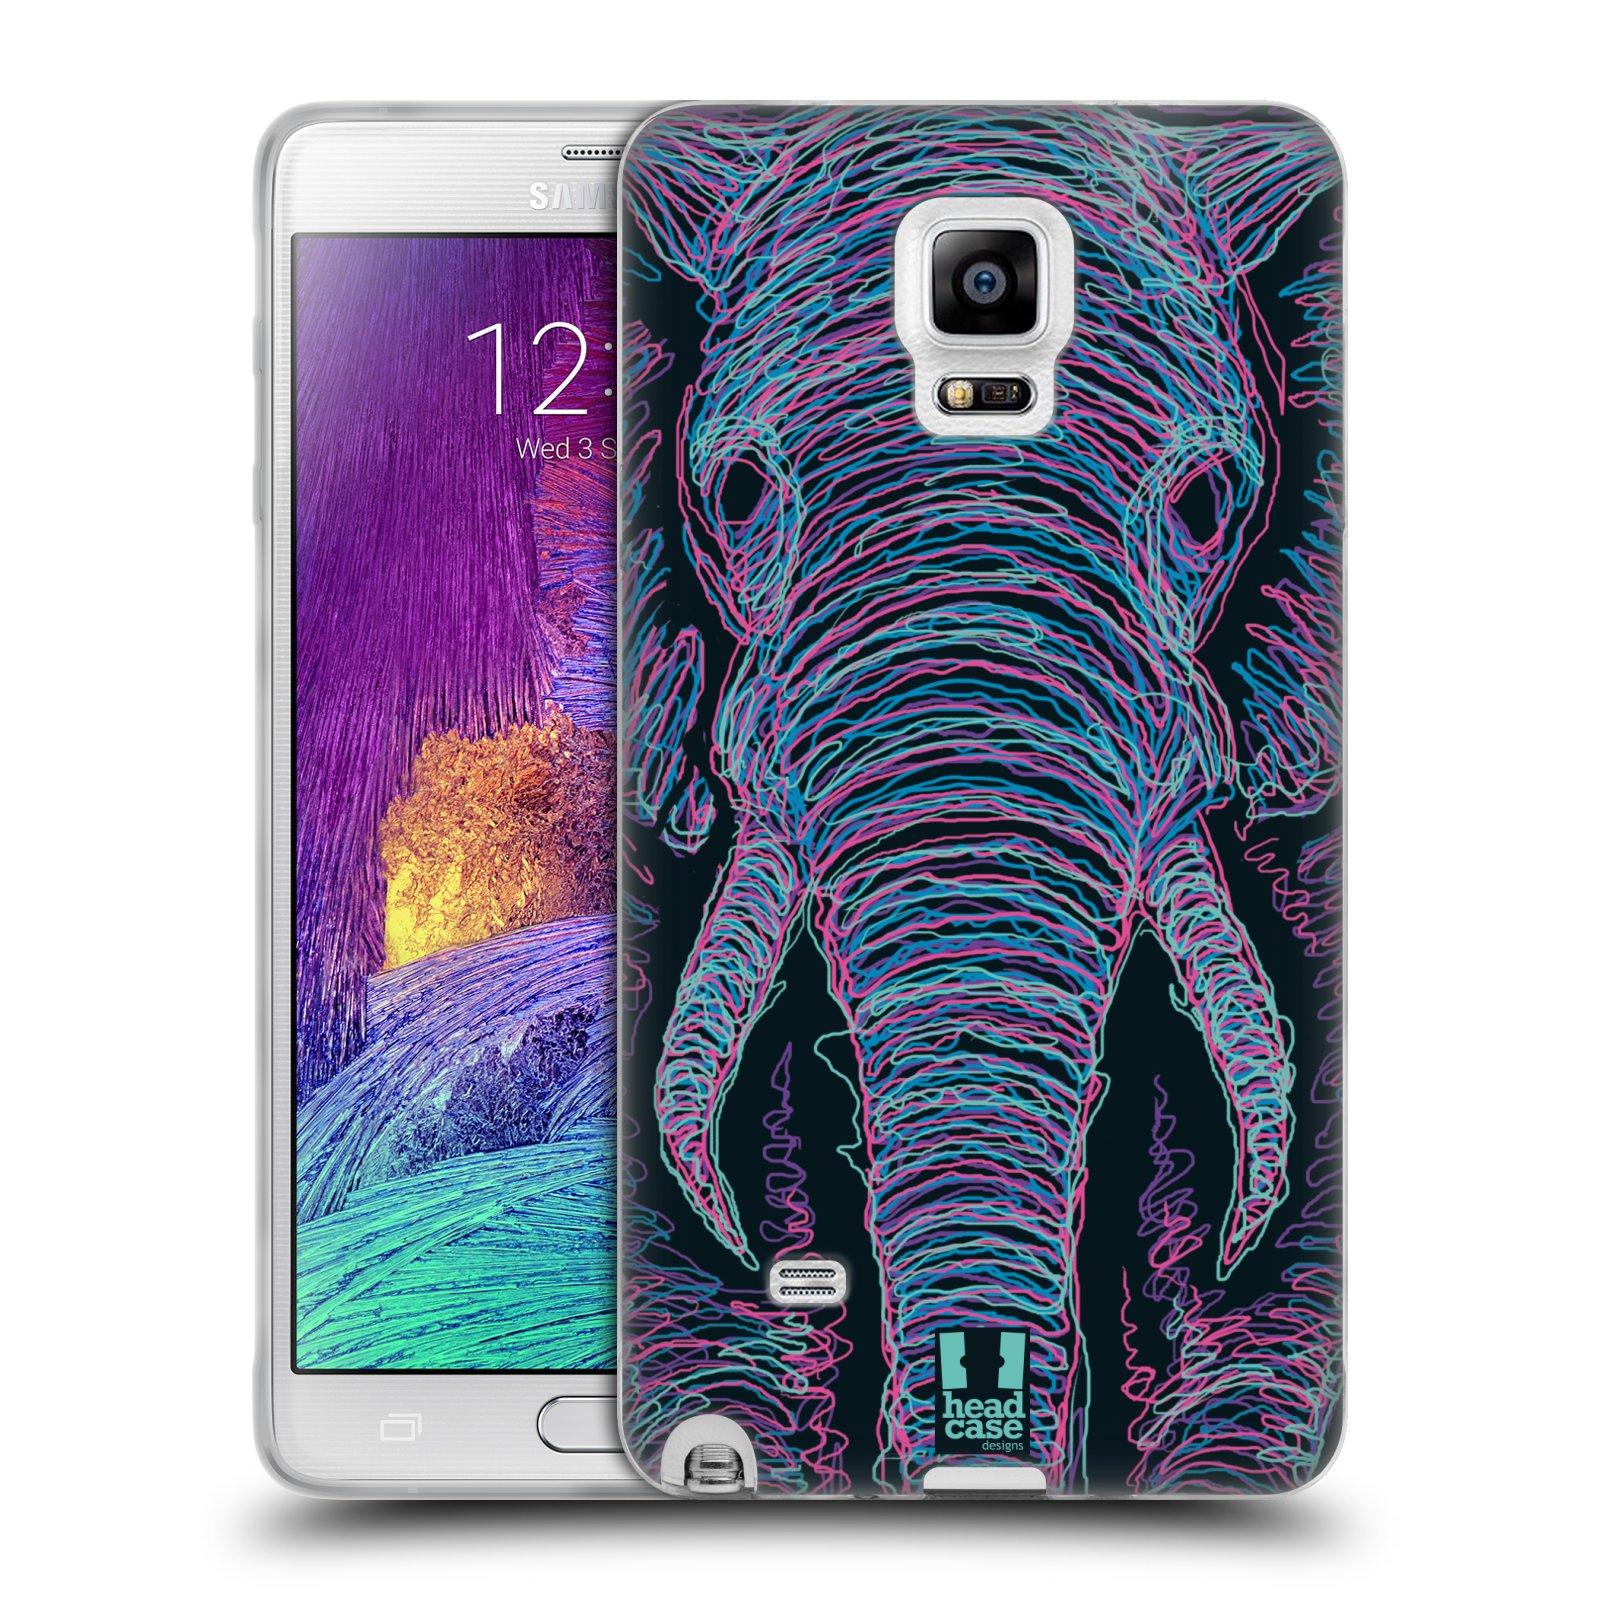 HEAD CASE silikonový obal na mobil Samsung Galaxy Note 4 (N910) vzor zvíře čmáranice slon